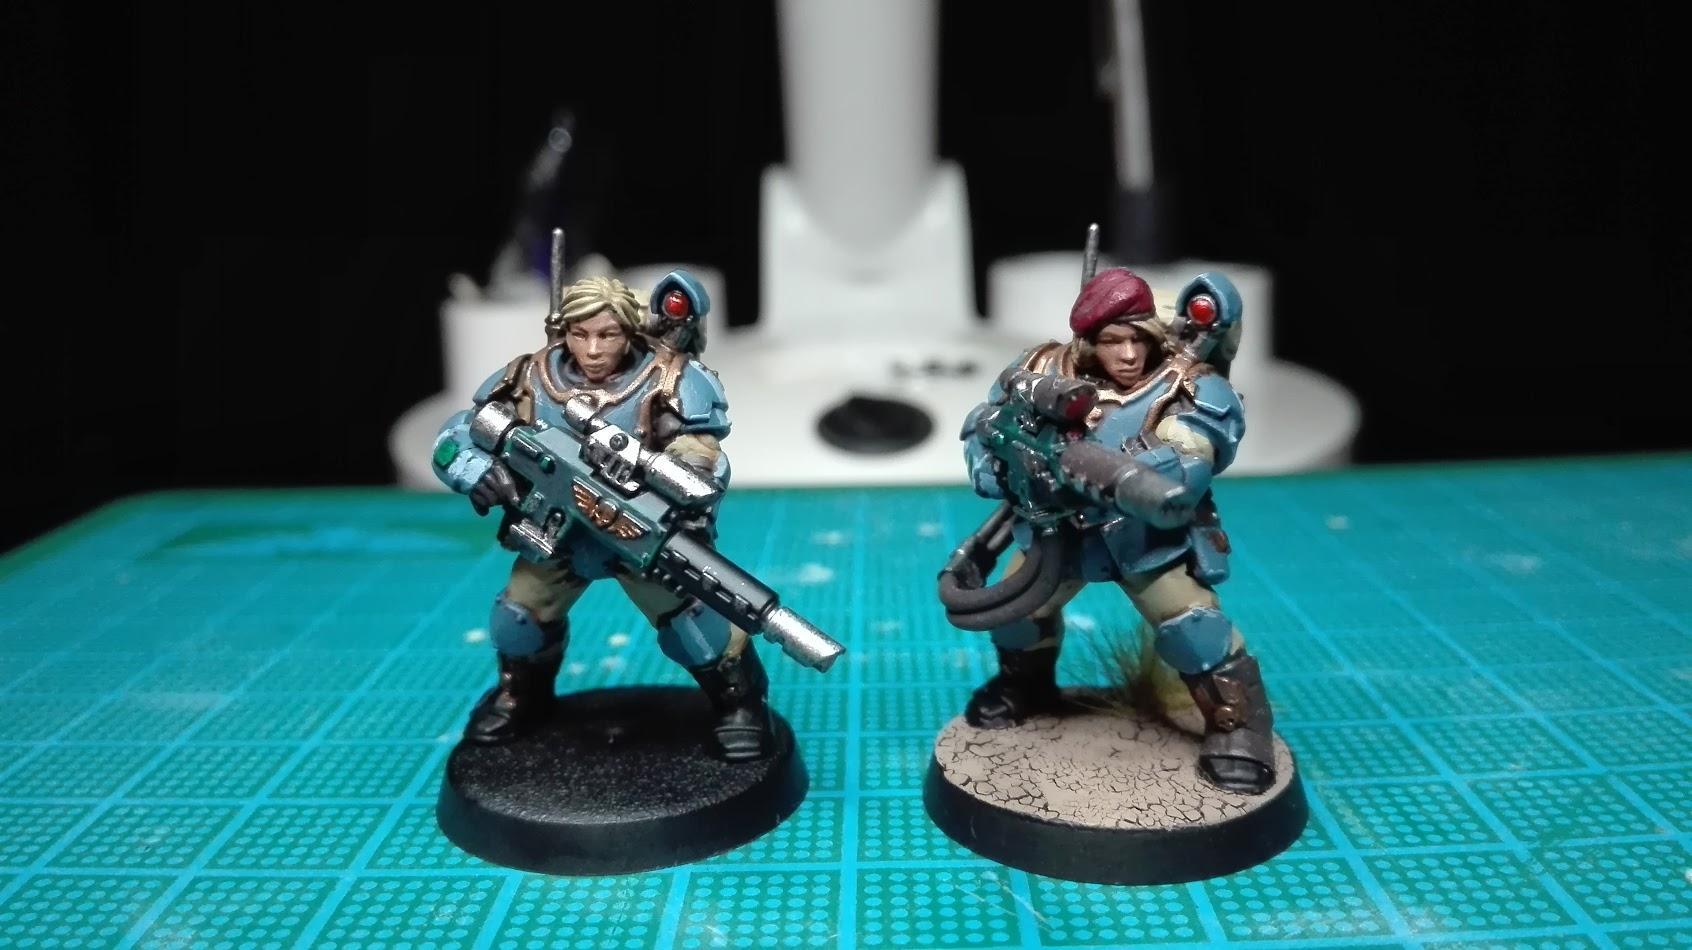 Female, Girl, Grrrl, Militarum Tempestus, Scion, Statuesque Miniatures, Storm Troopers